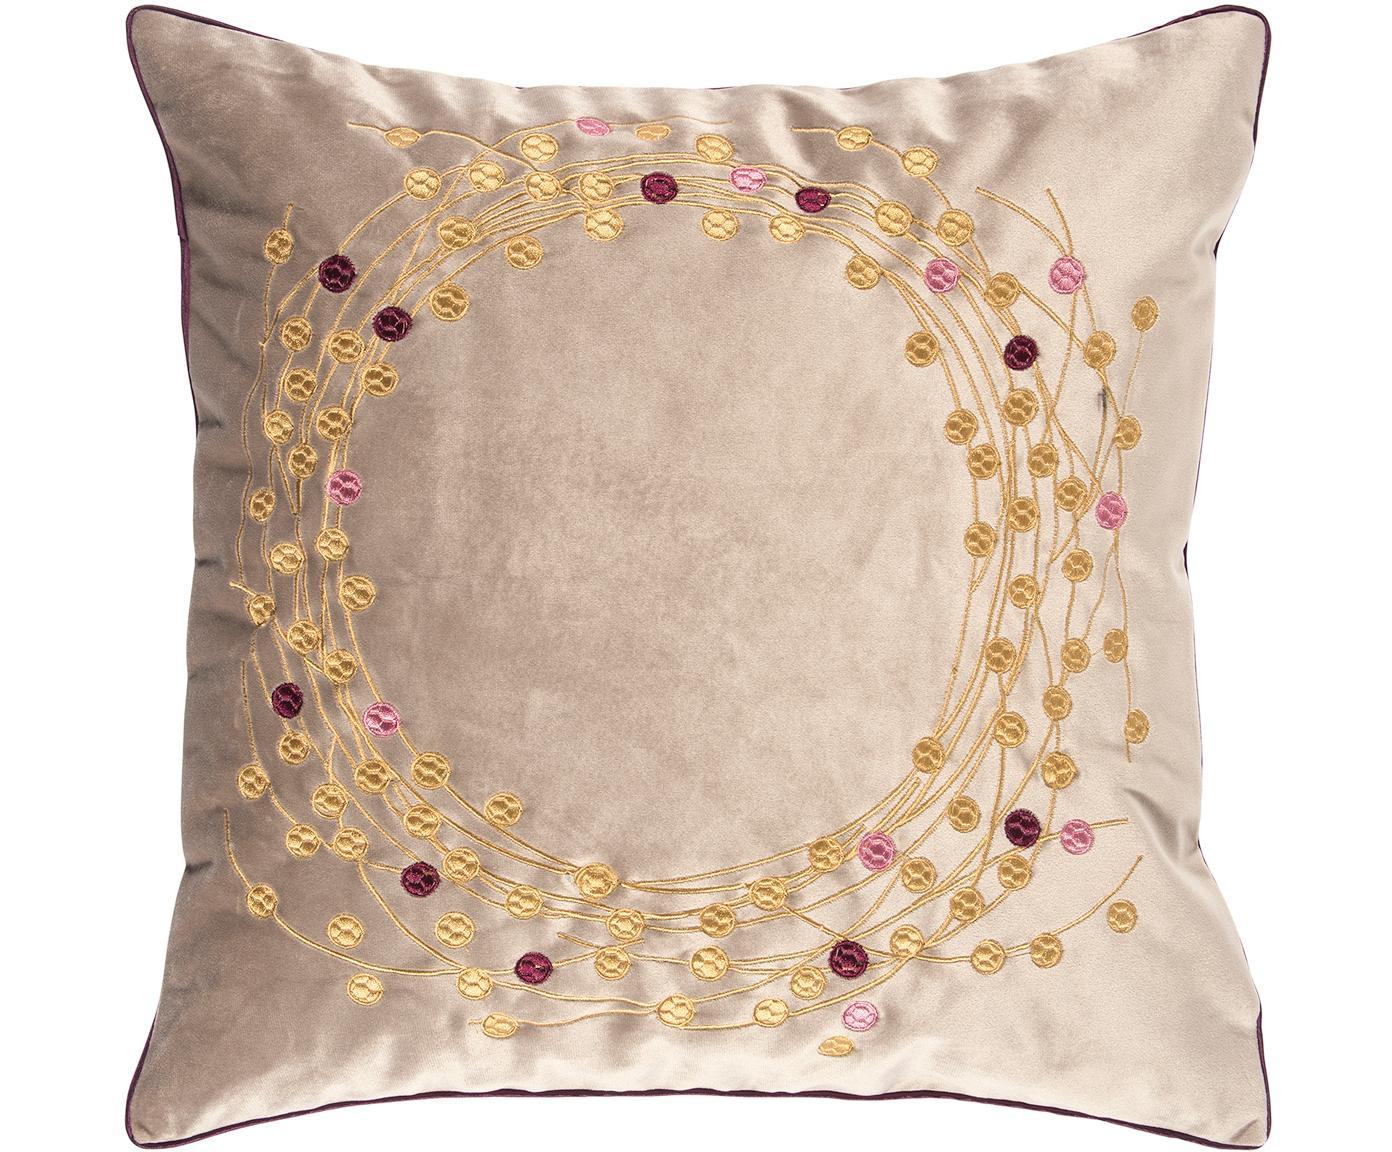 Poszewka na poduszkę z aksamitu Circle, Aksamit poliestrowy, Piaskowy, złoty, S 45 x D 45 cm